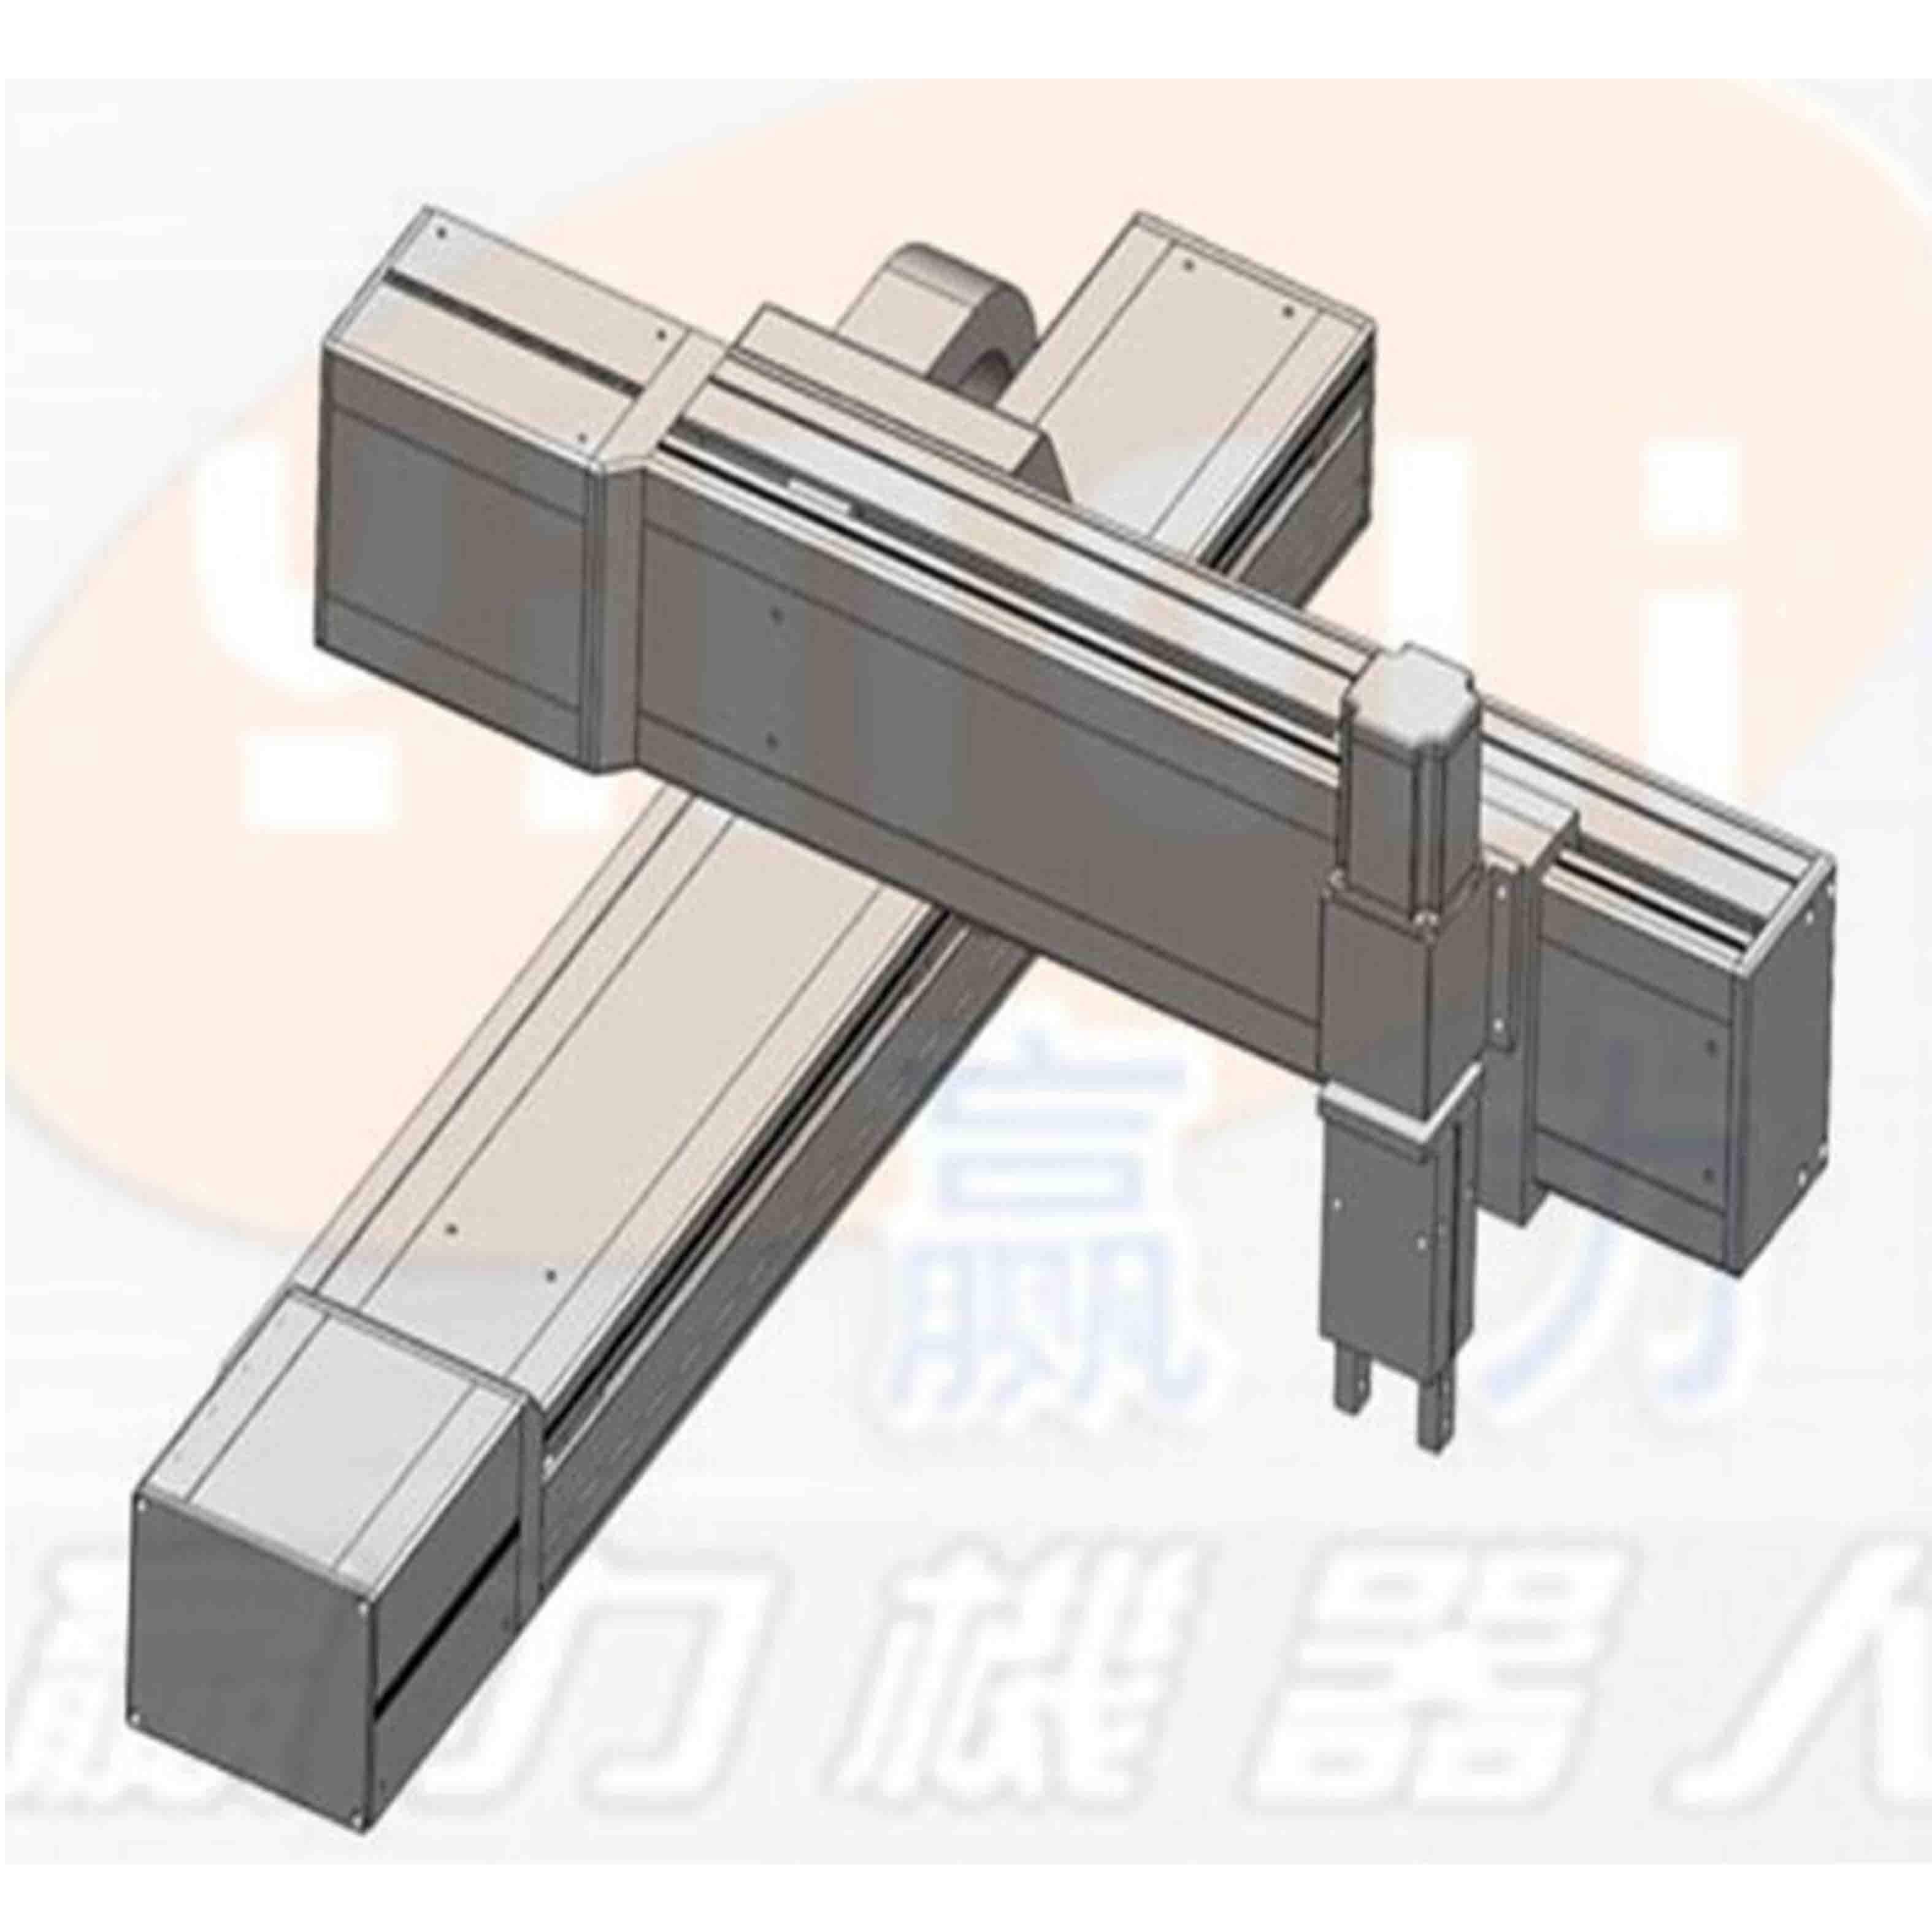 3 axis high precision robot arm